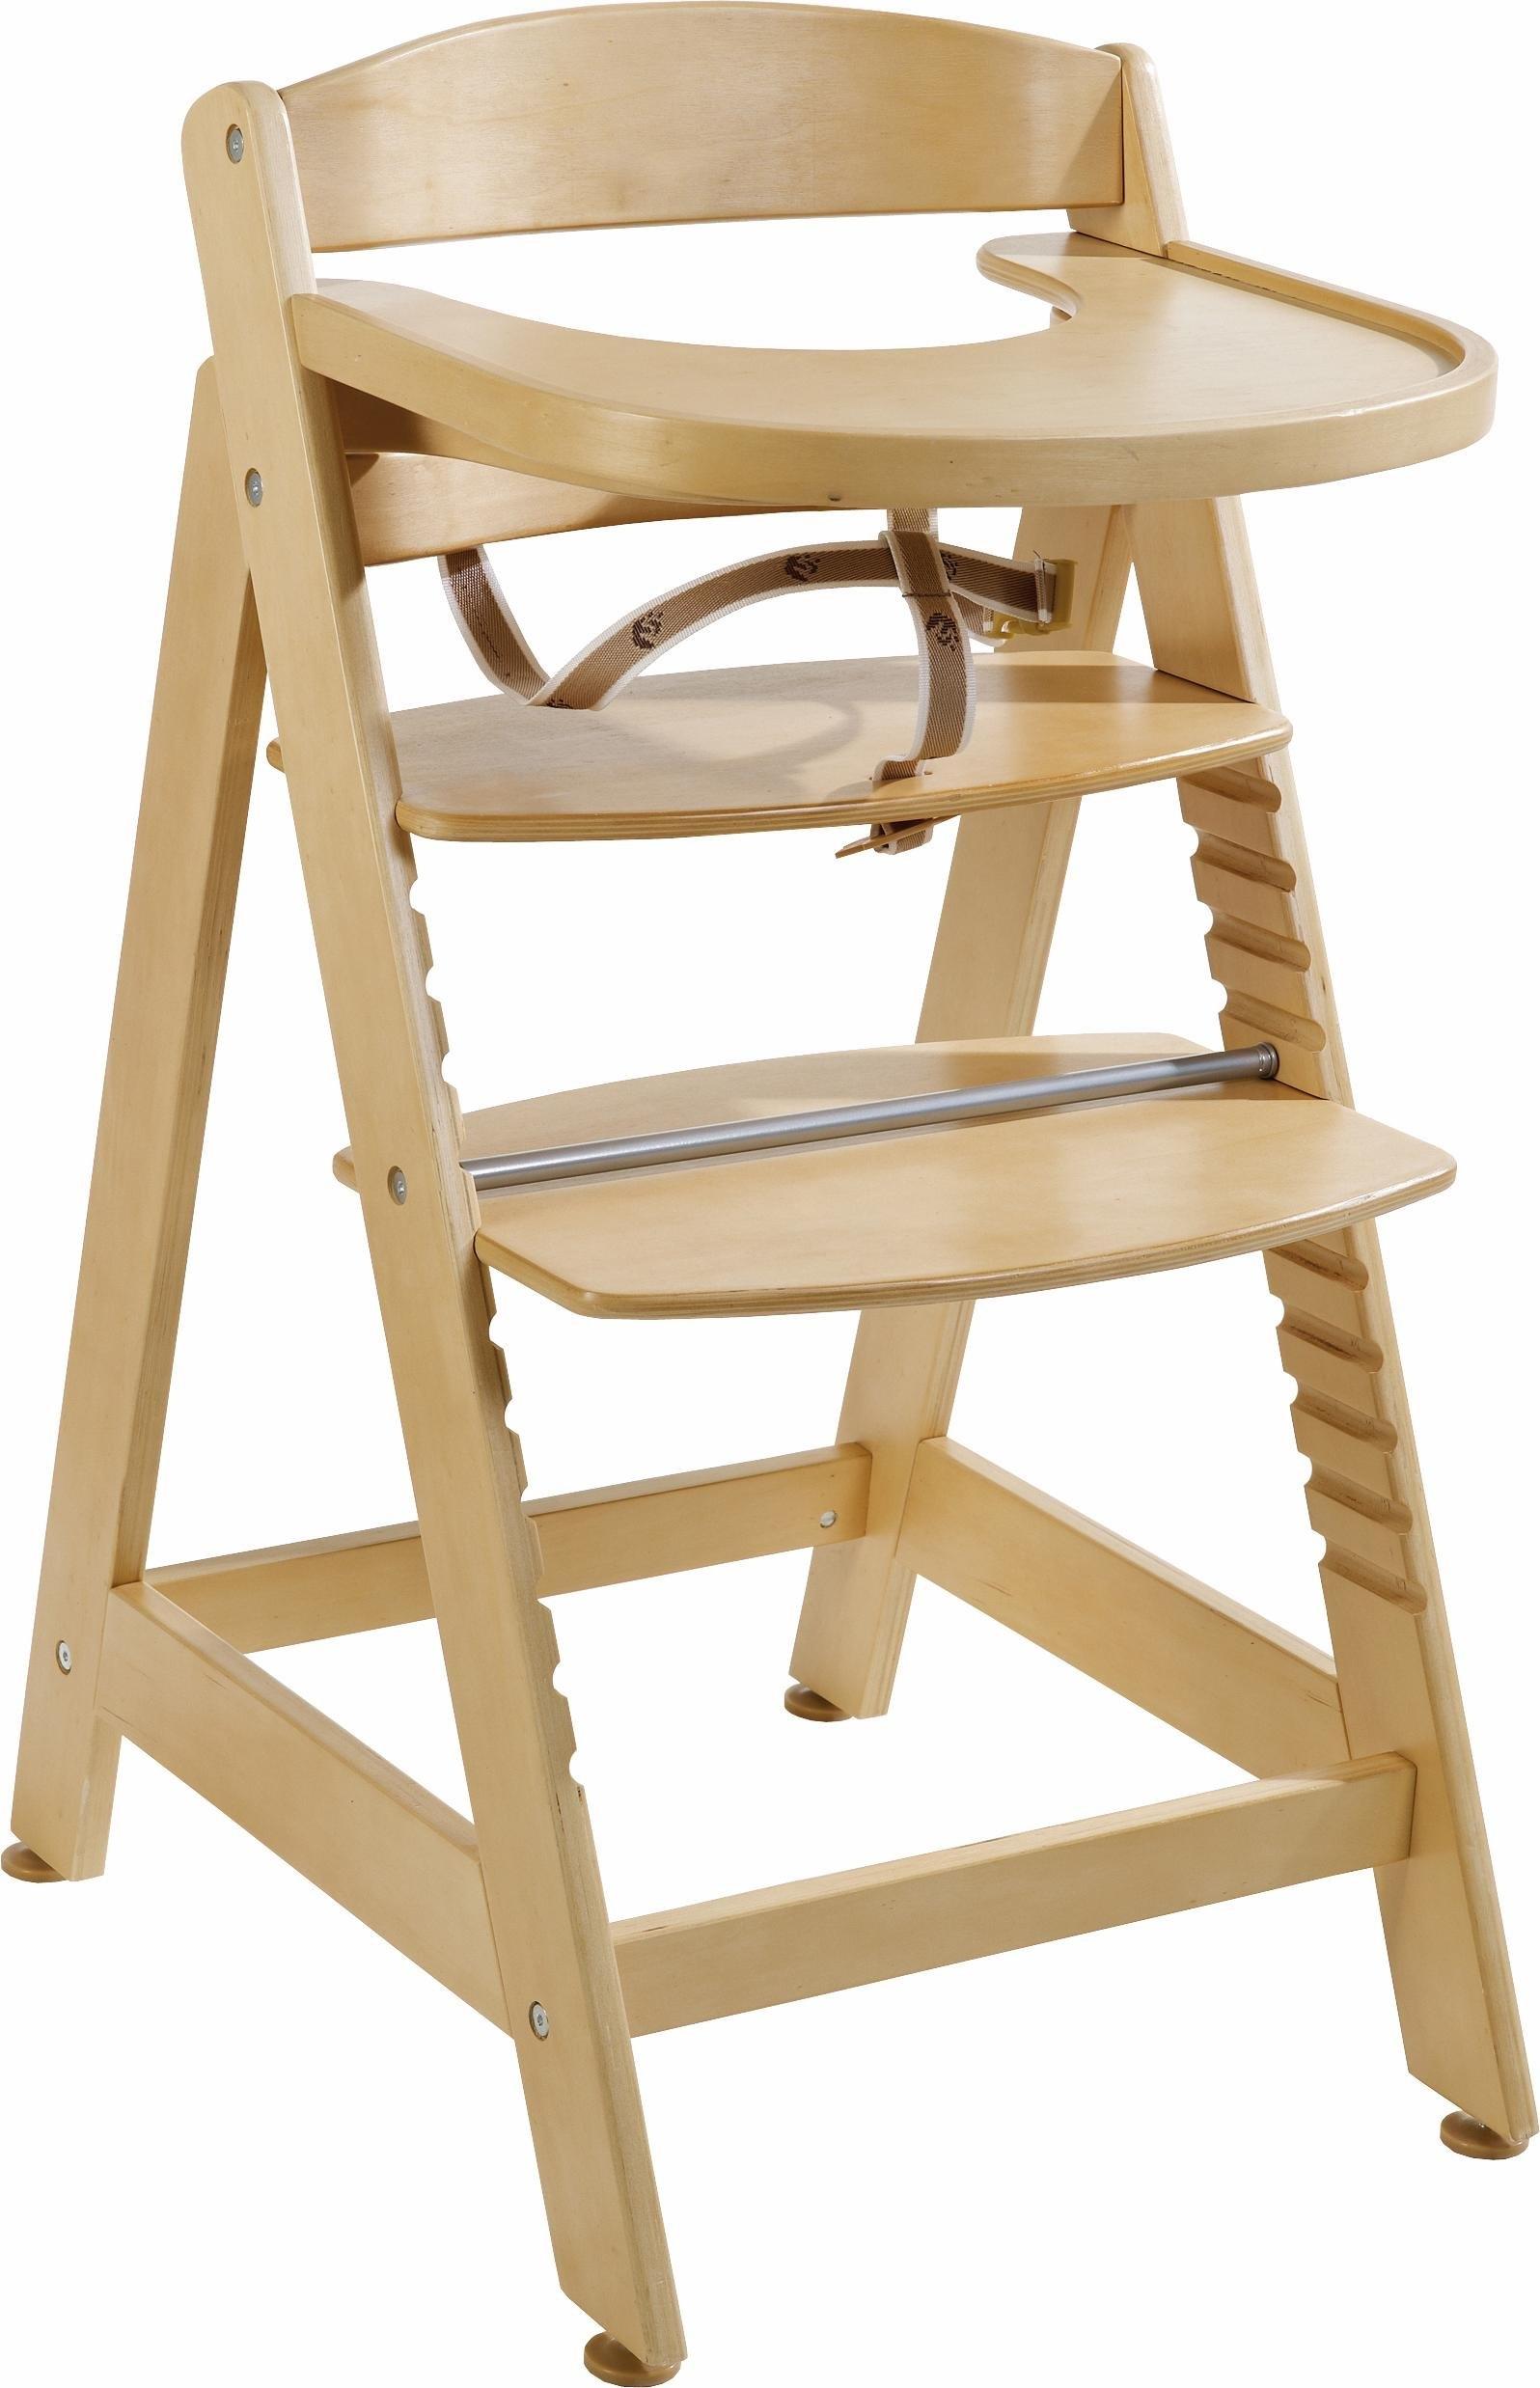 Inklapbare Kinderstoel Hout.Kinderstoel Bambino Kruidvat Hun Nieuwste Wonder Cup Met Handvatten